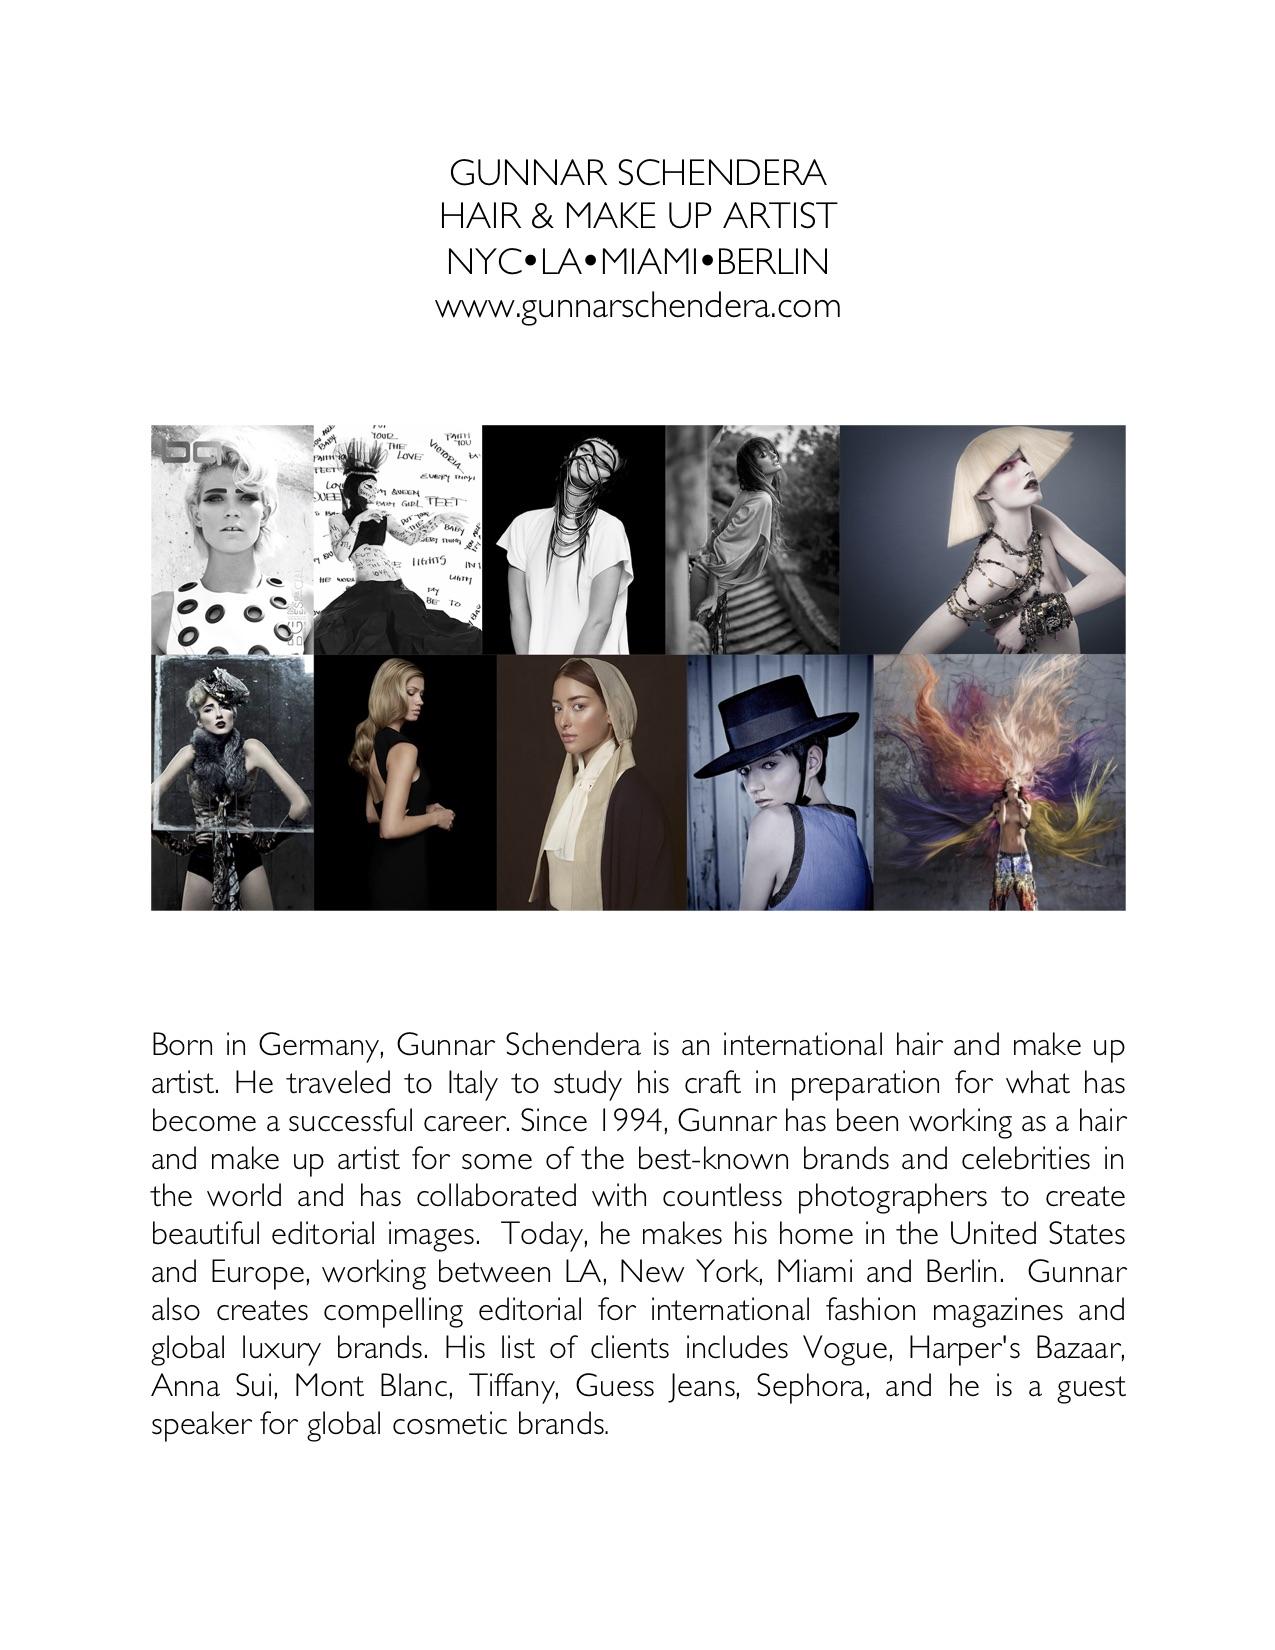 GUNNAR SCHENDERA Promo 2.jpg